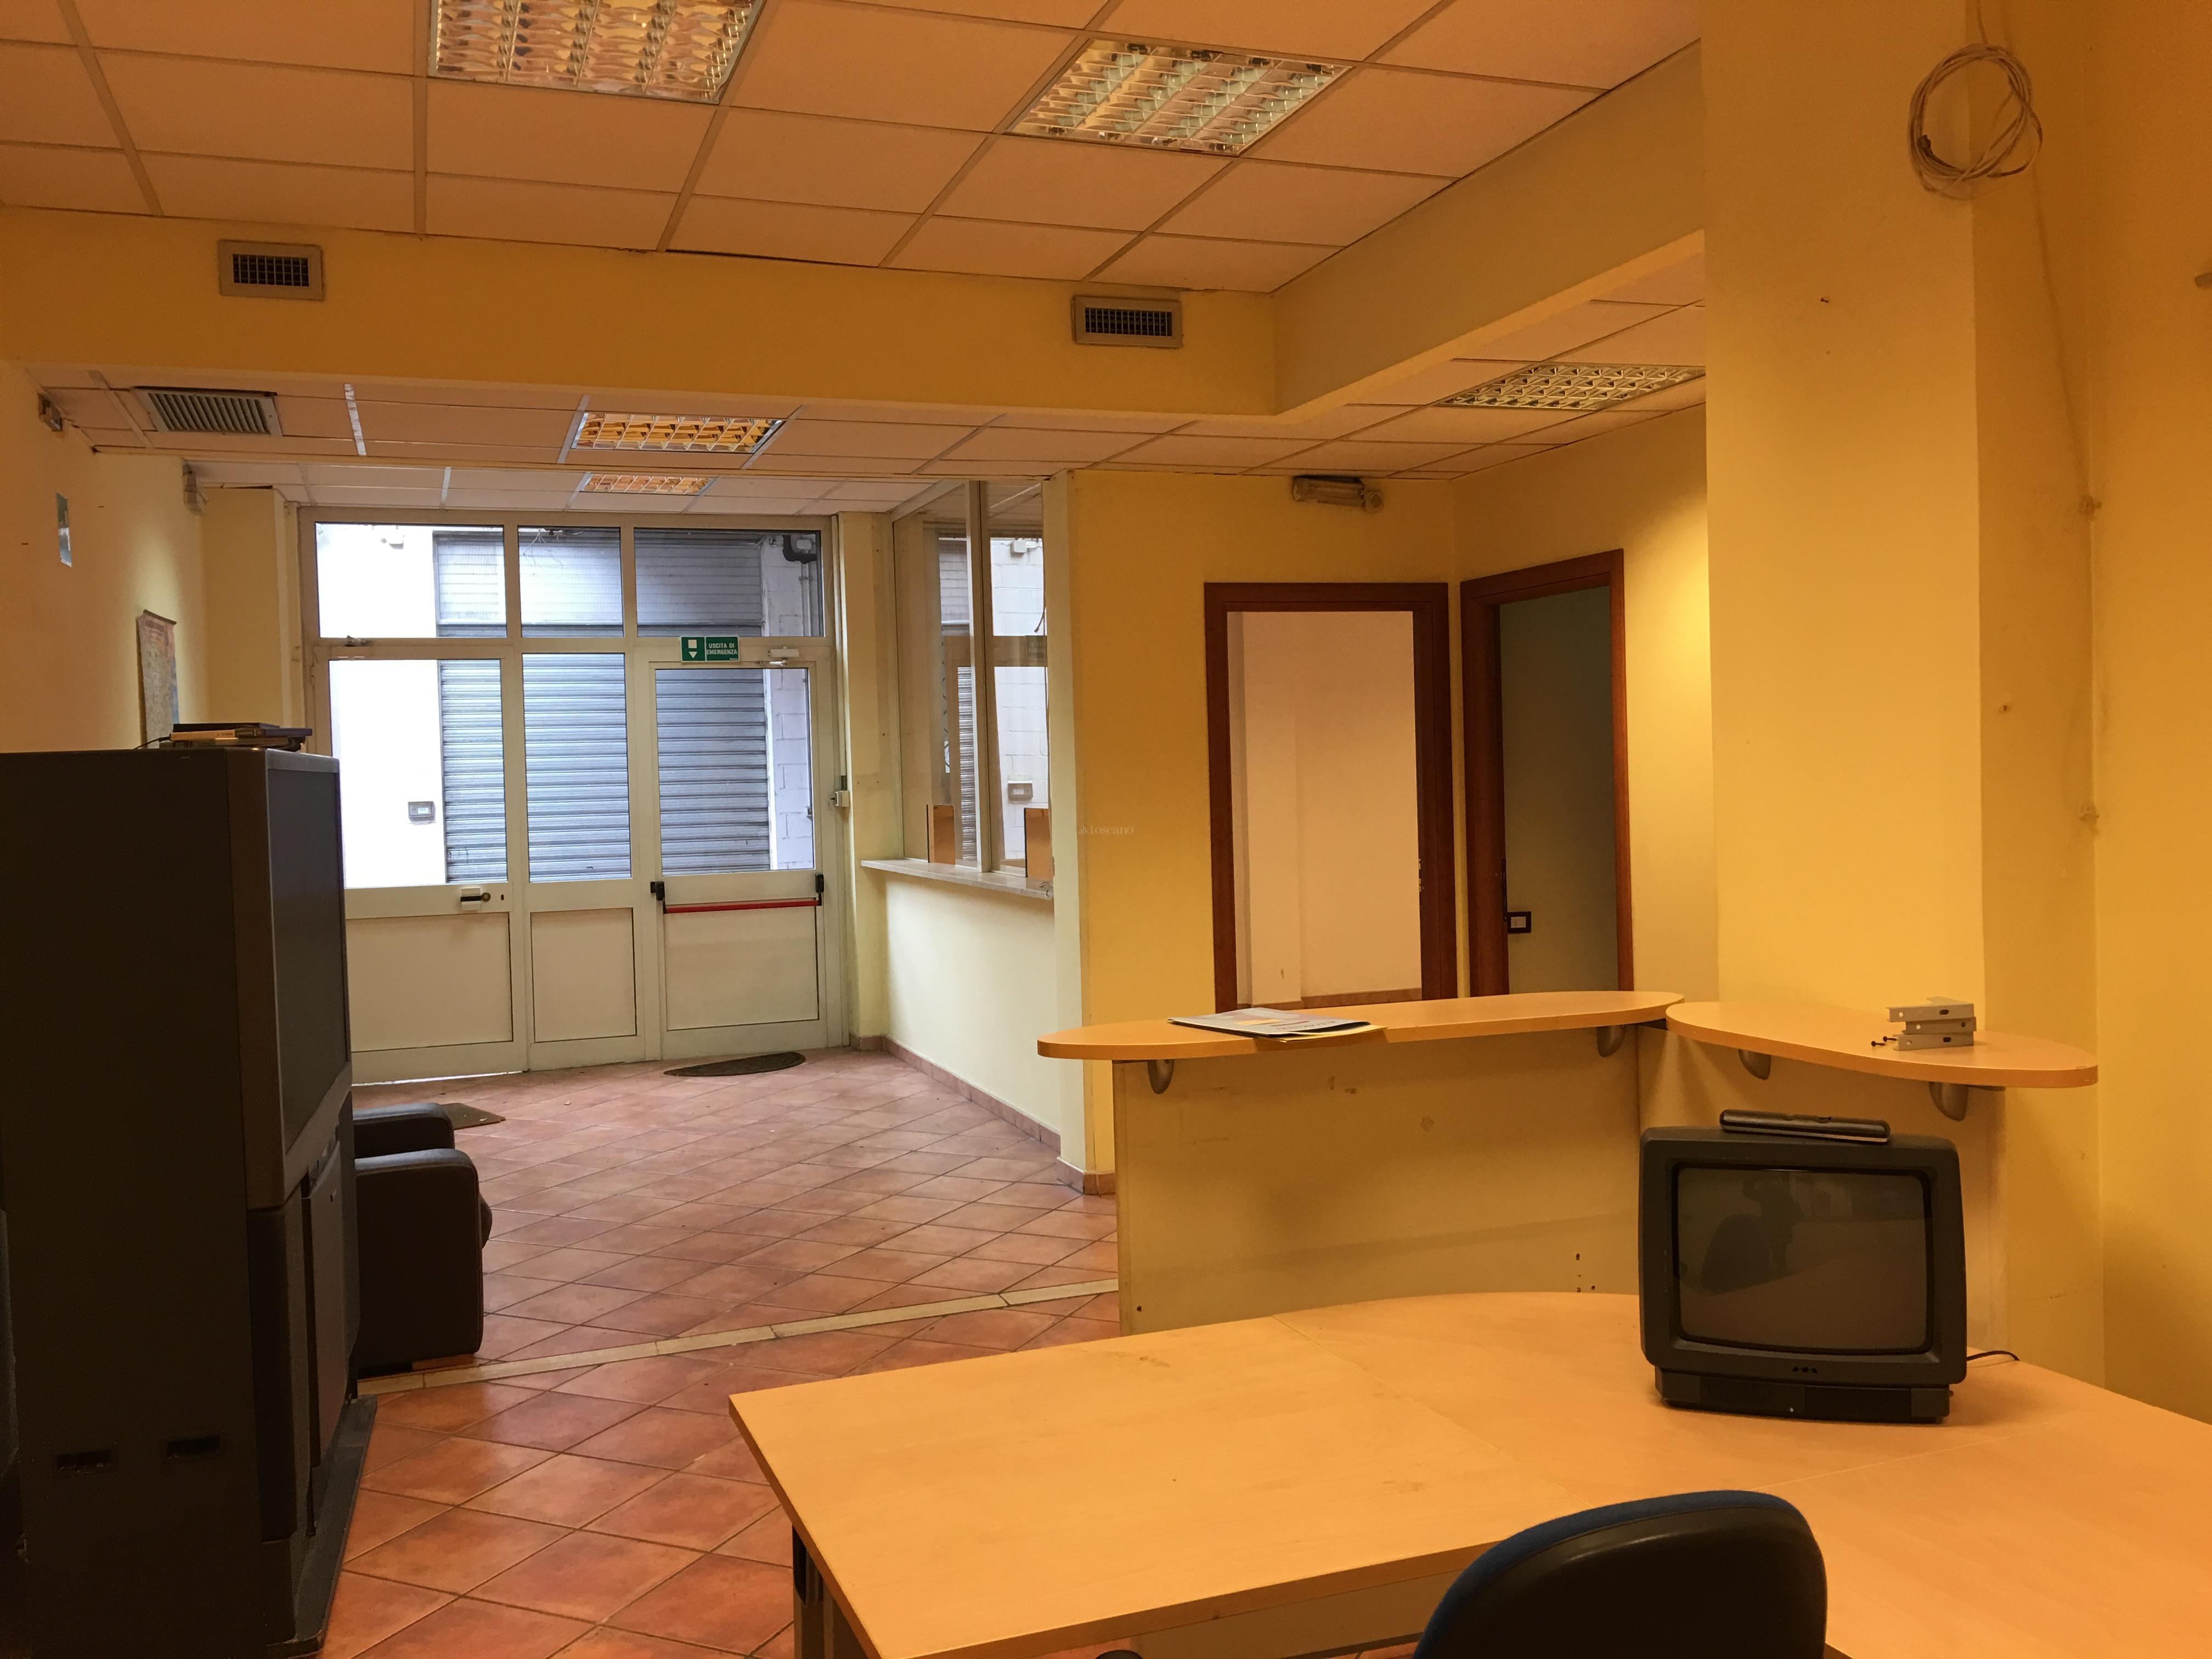 Ufficio In Vendita Roma : Vendita ufficio a roma in via giulio galli giustiniana